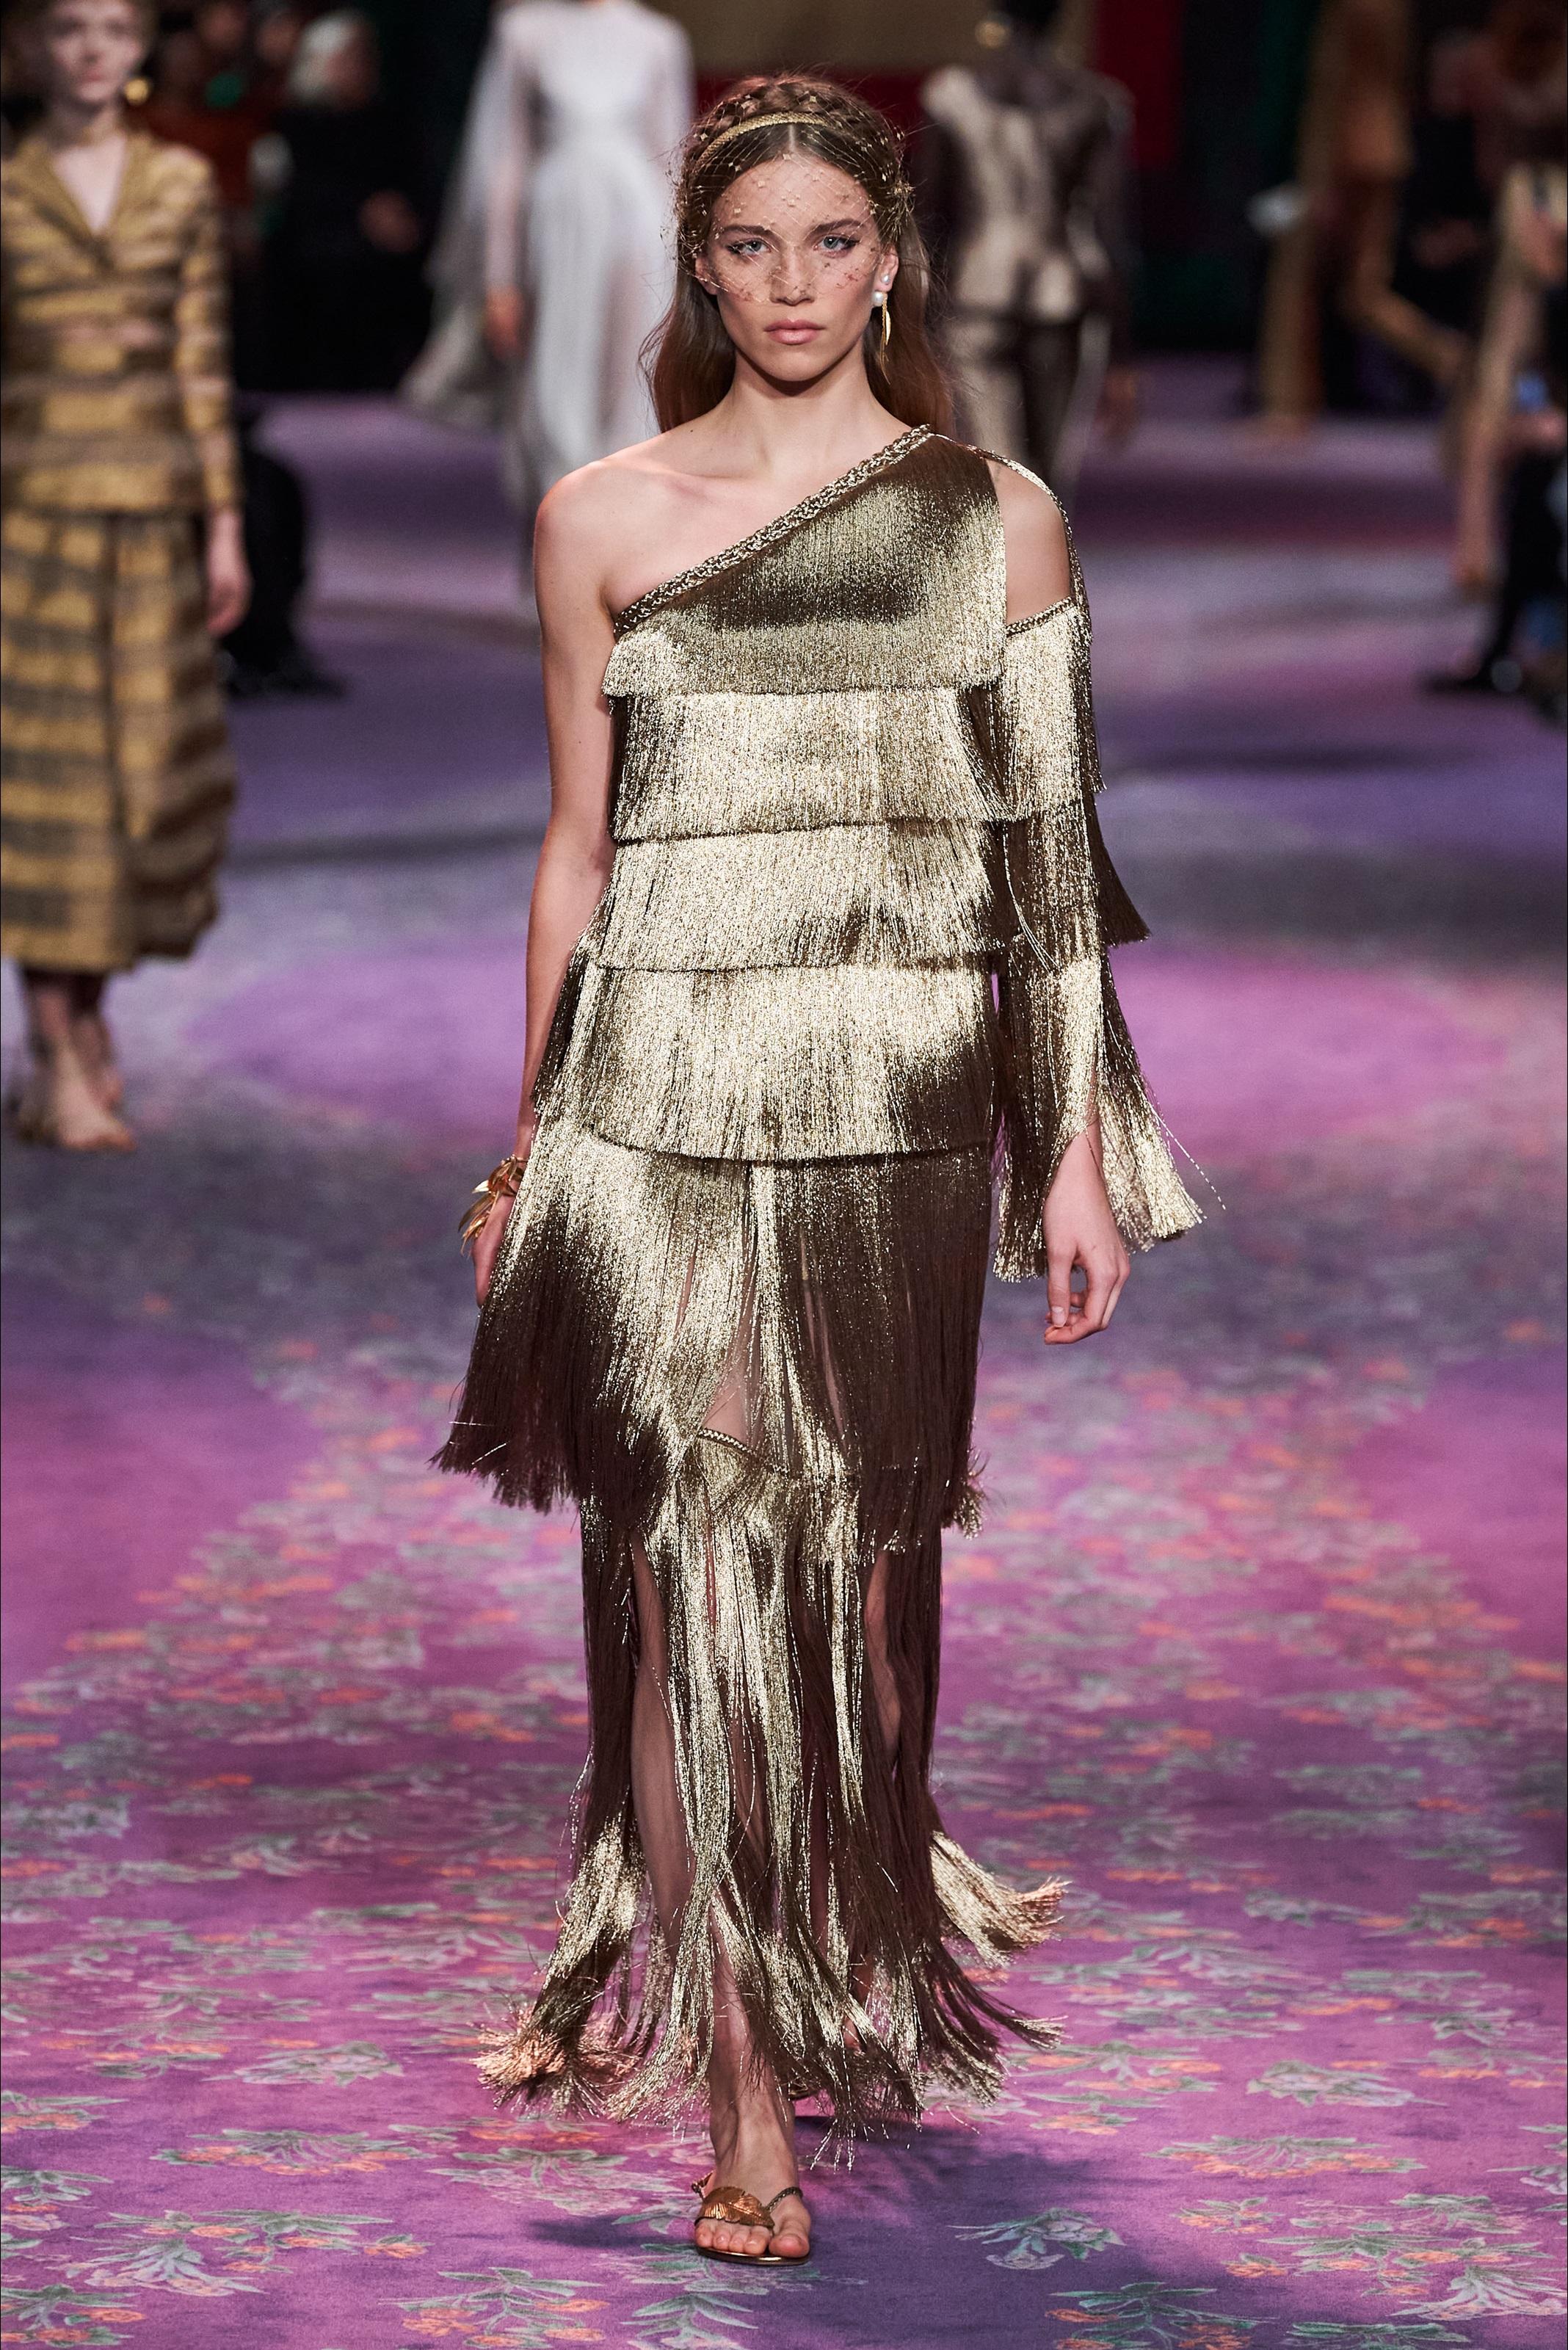 Abito Lungo Dior 2020 - Neomag.